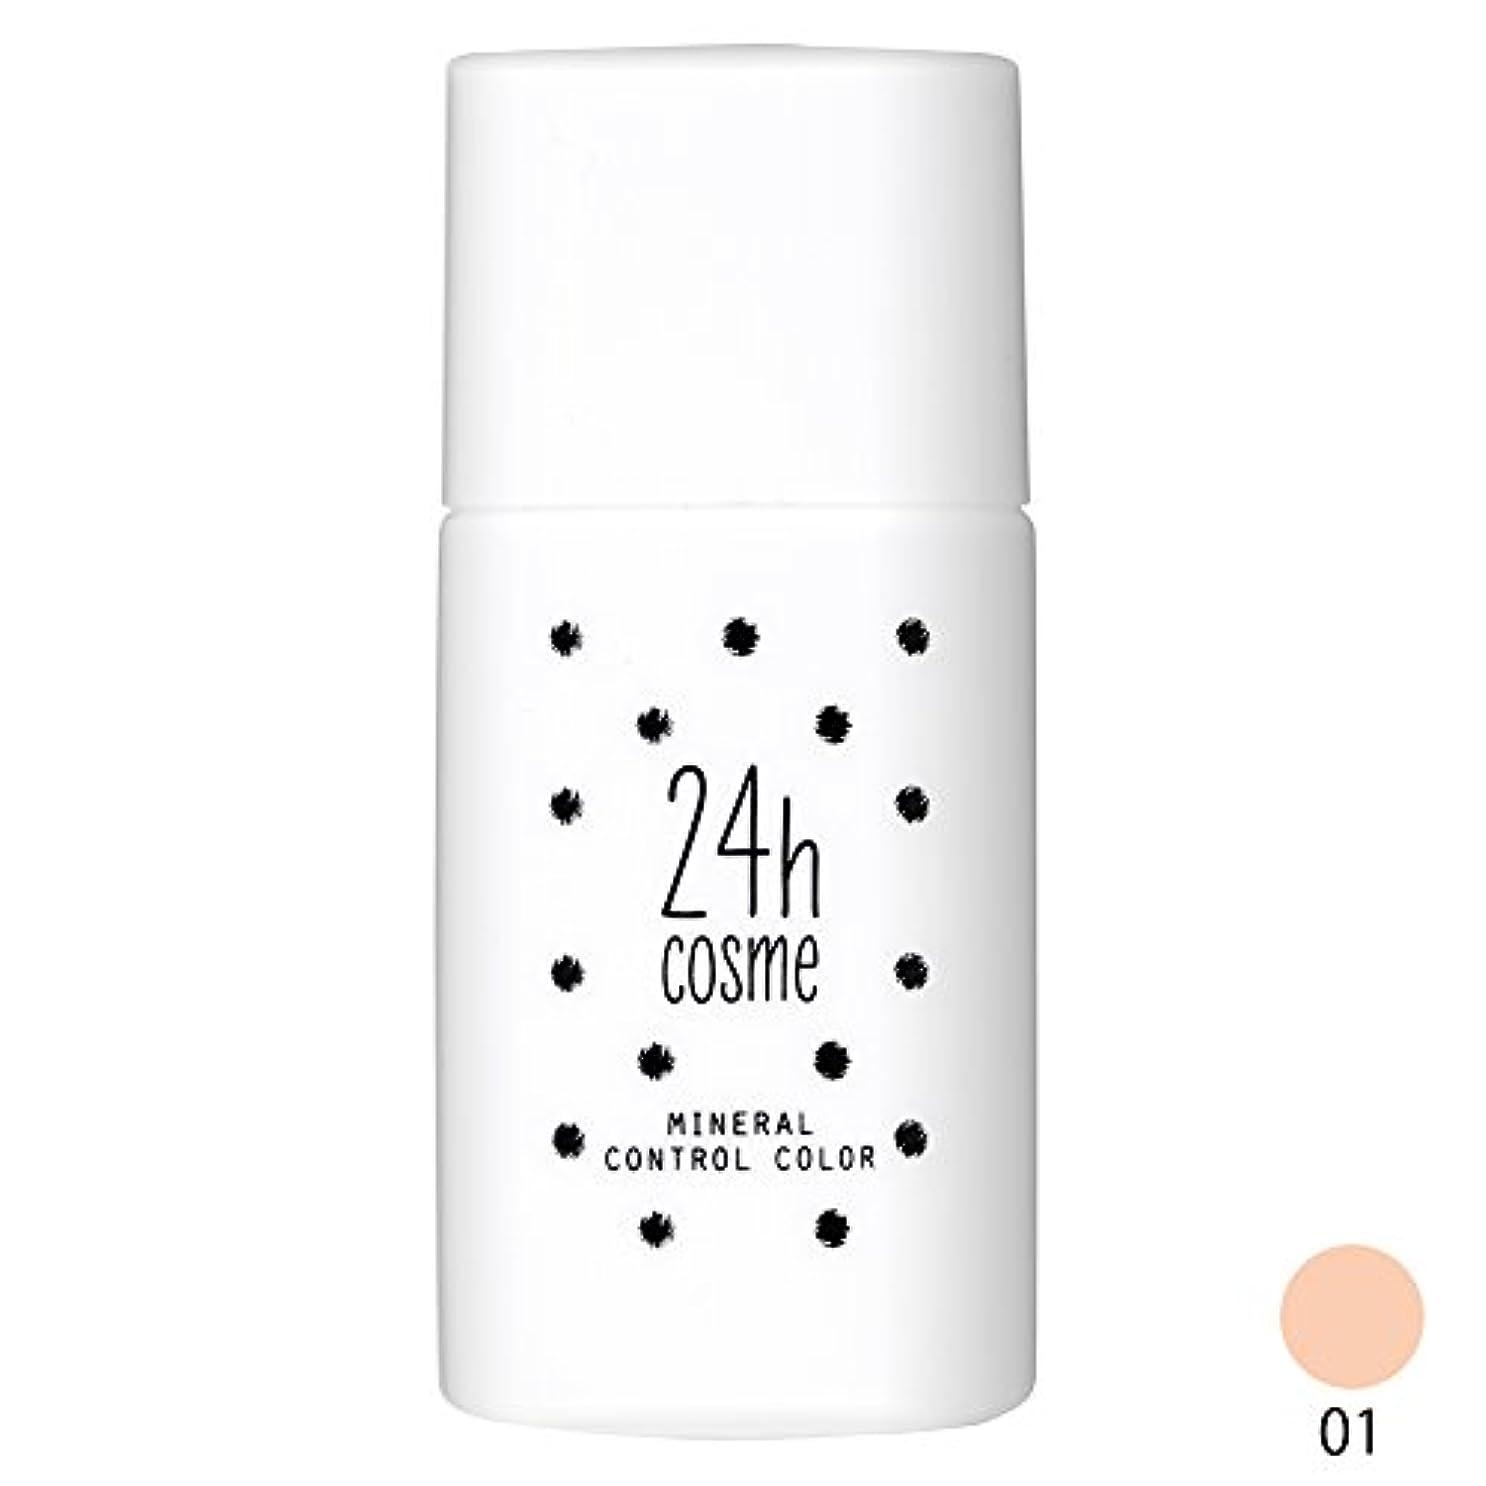 乳白勧告ステージ24h cosme 24 コントロールベースカラー 01ブライトピンク 肌に優しい化粧下地 20ml